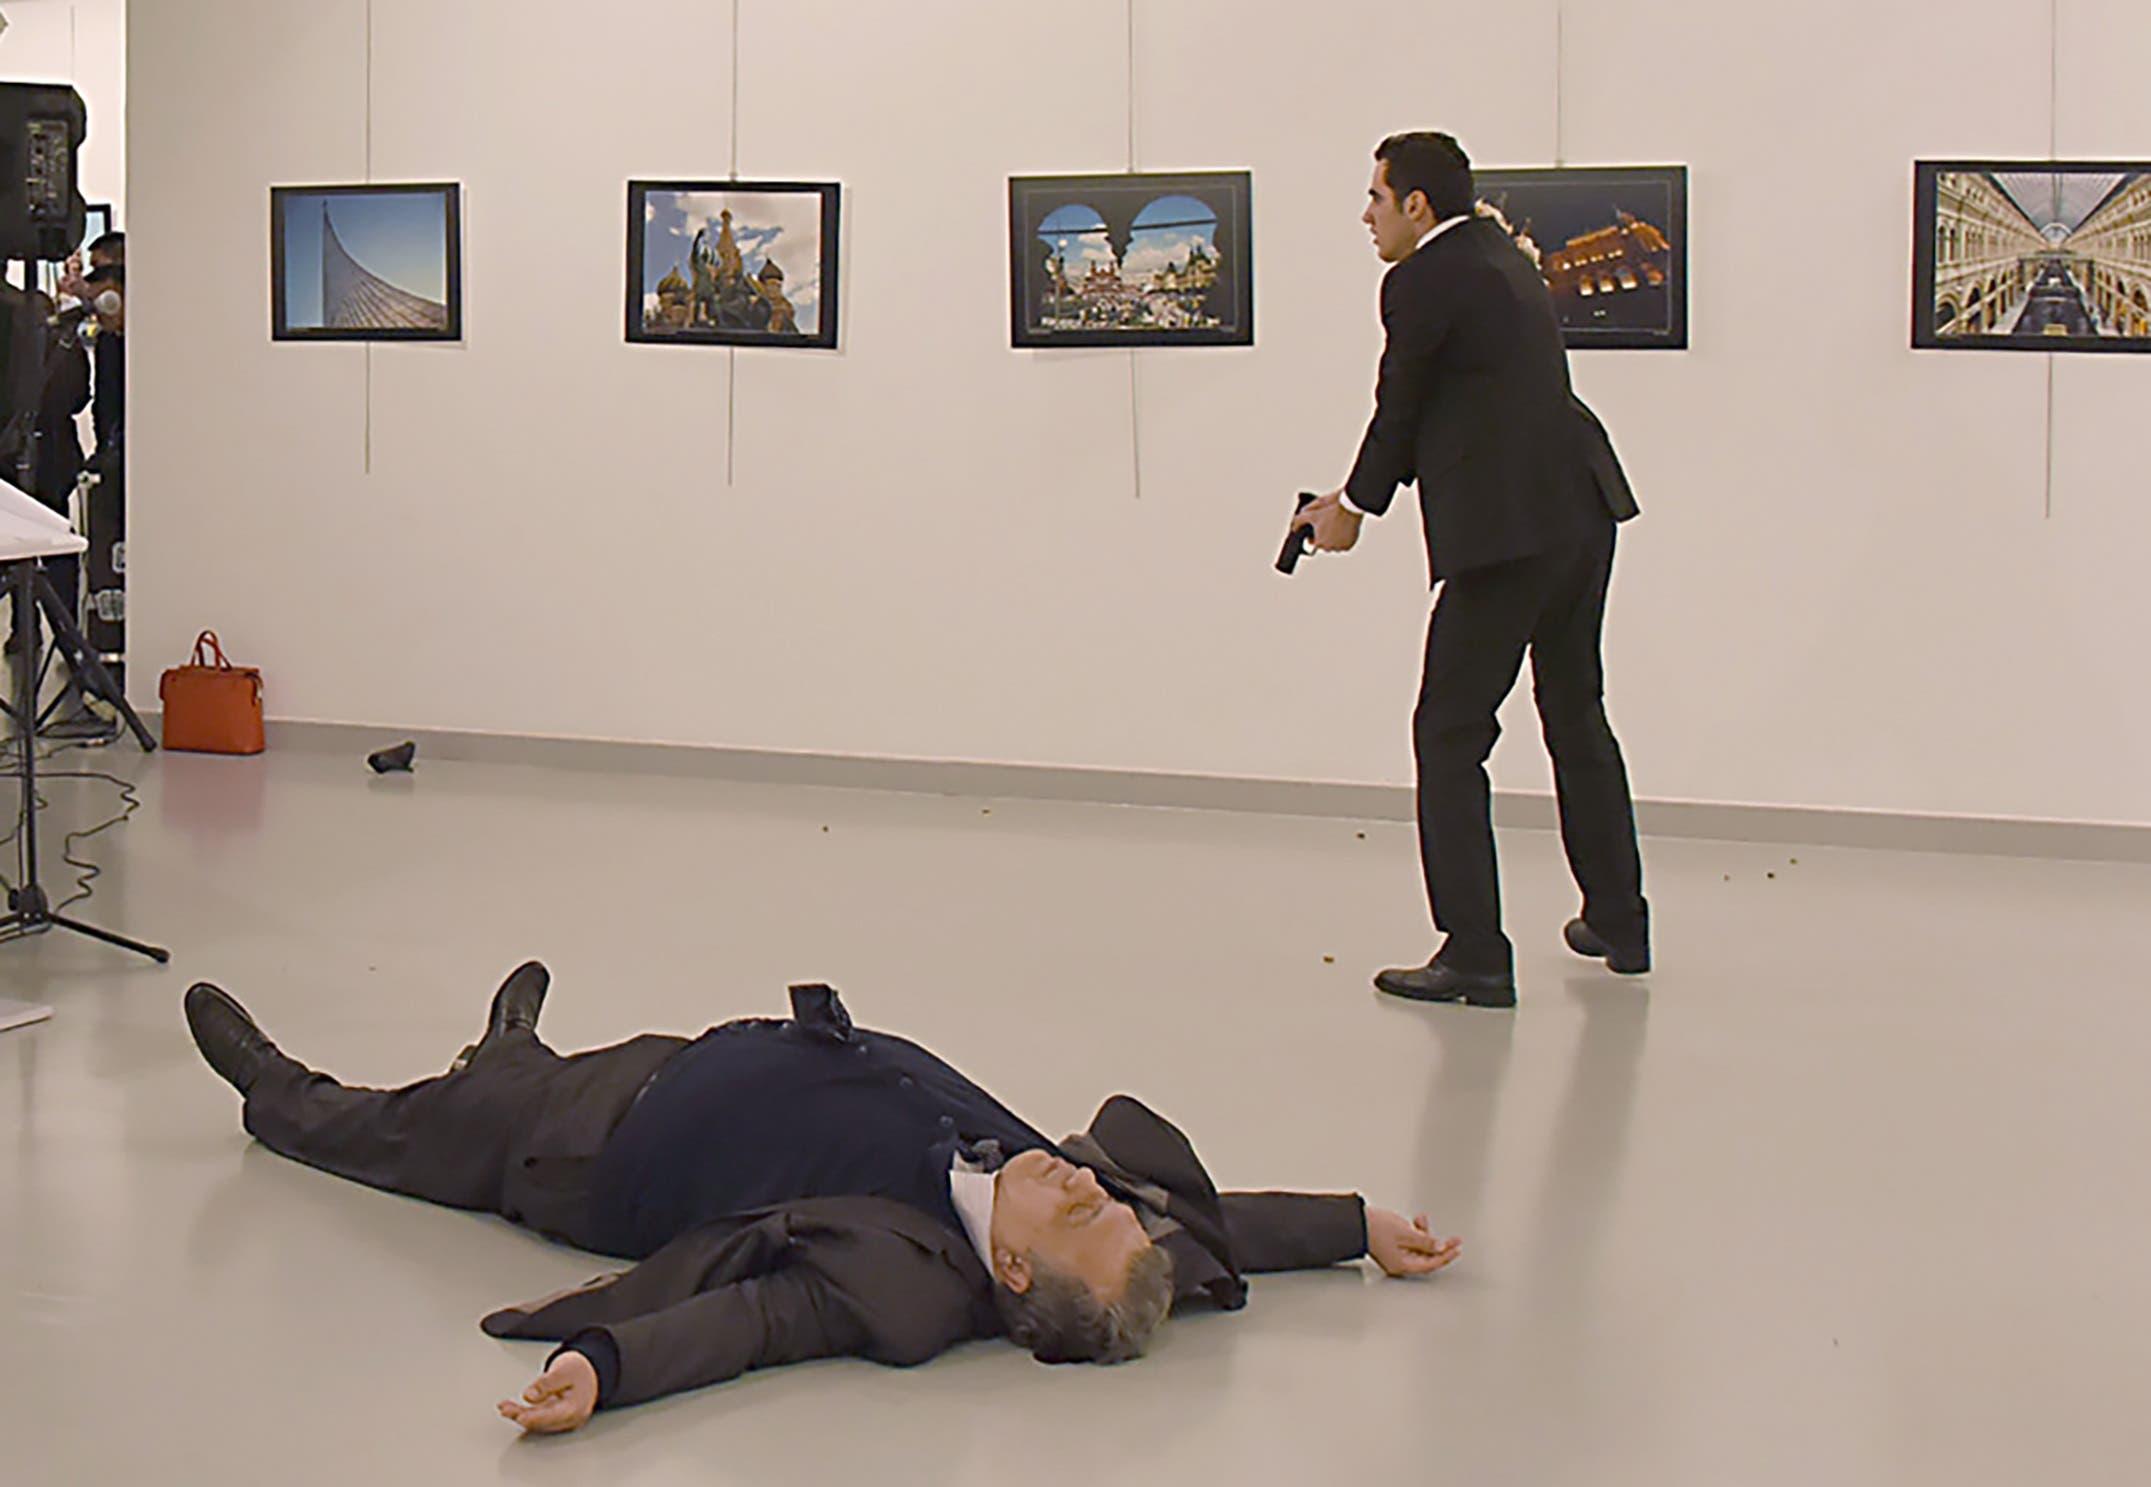 صحنهای از ترور سفیر روسیه در ترکیه